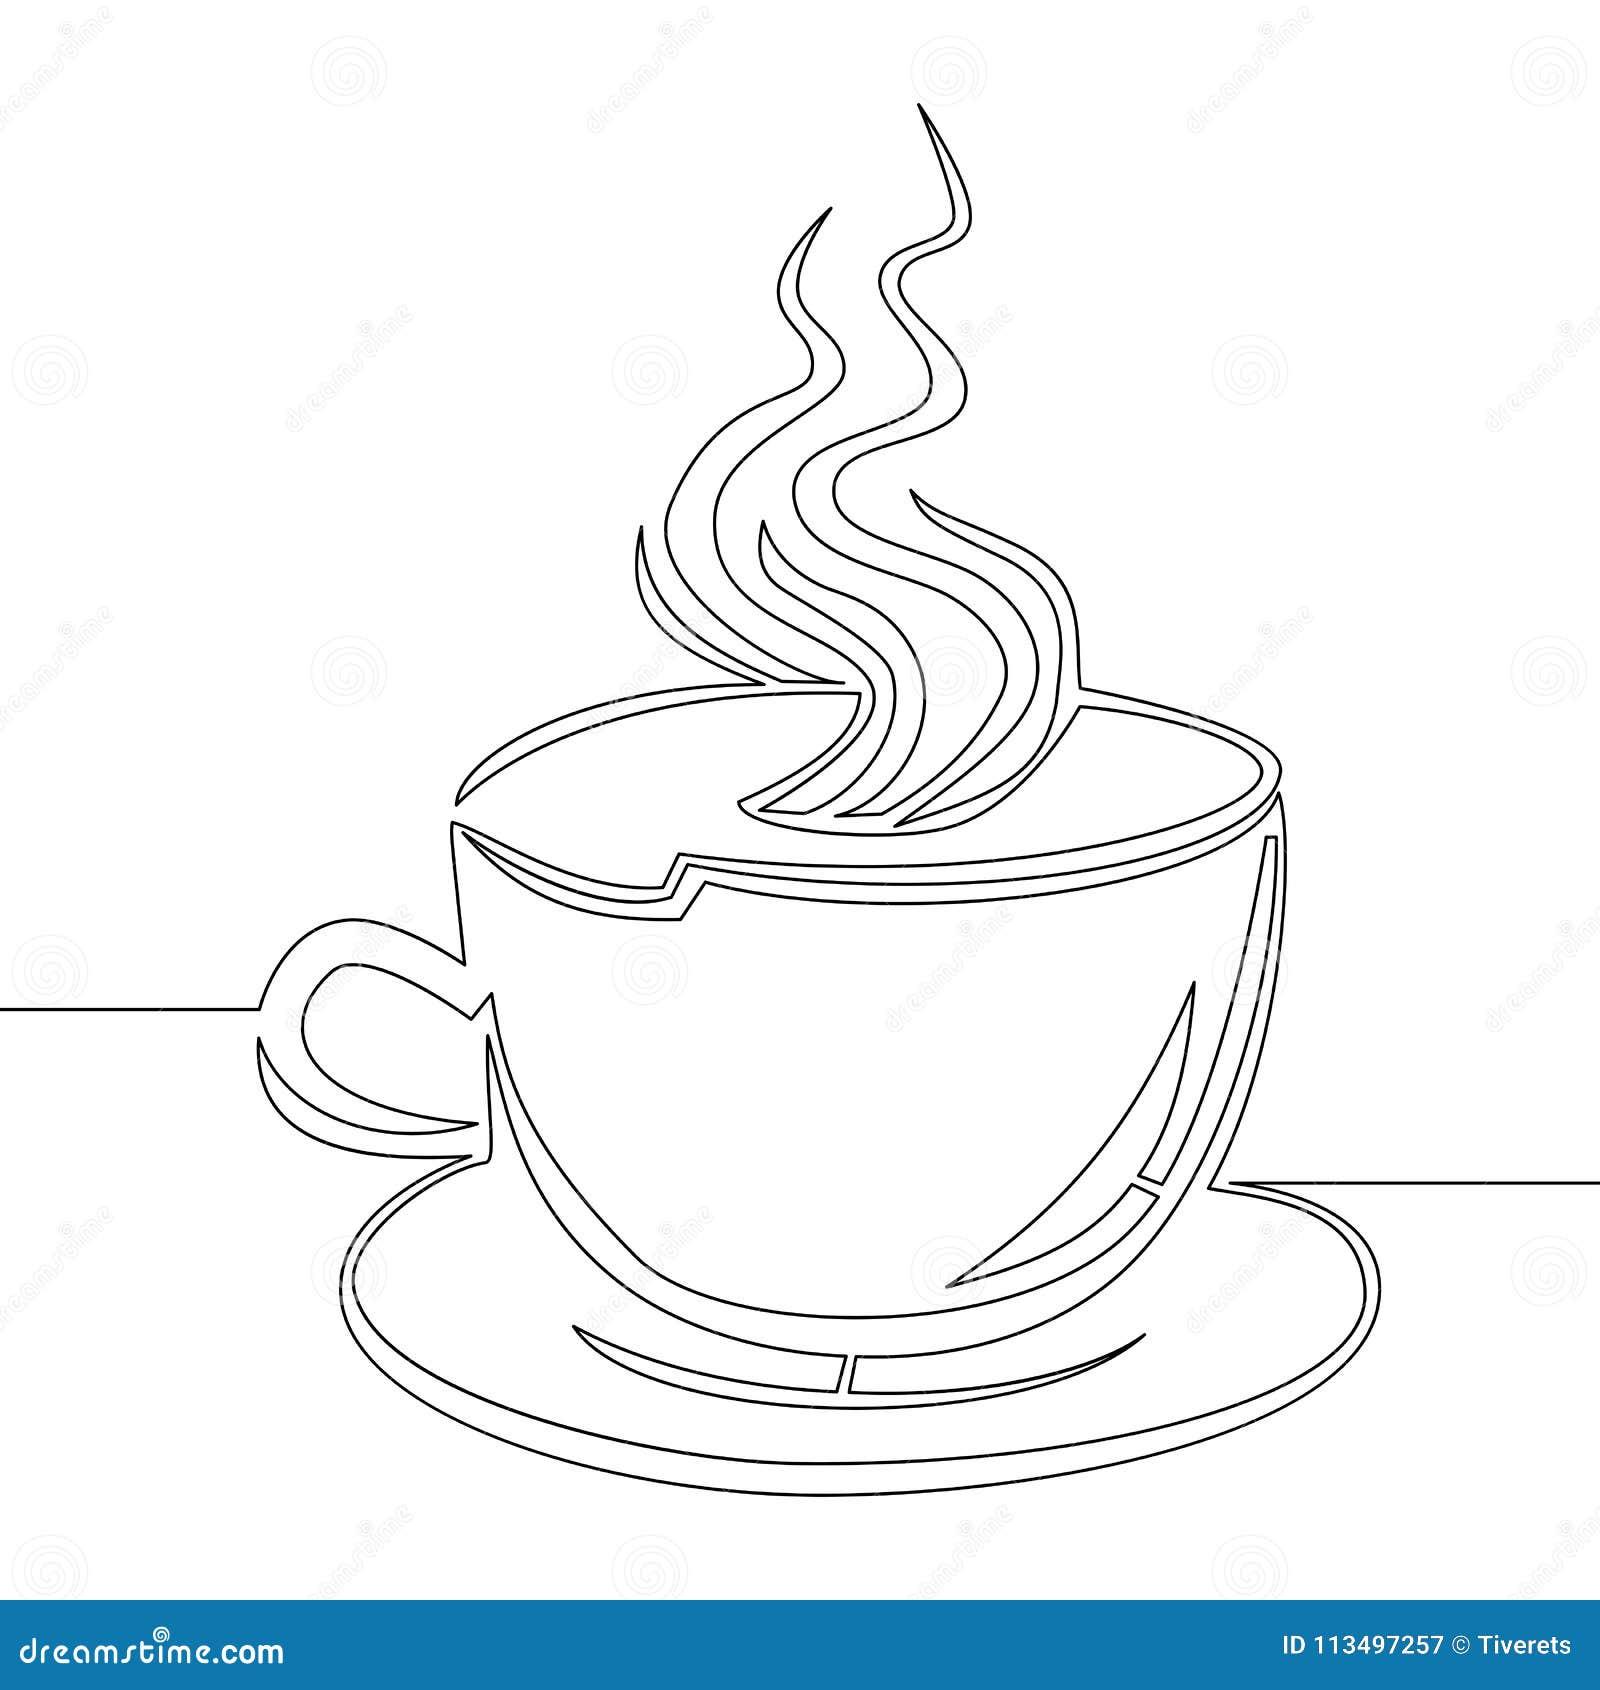 a lápis contínuo vetor da xícara de café do desenho ilustração do